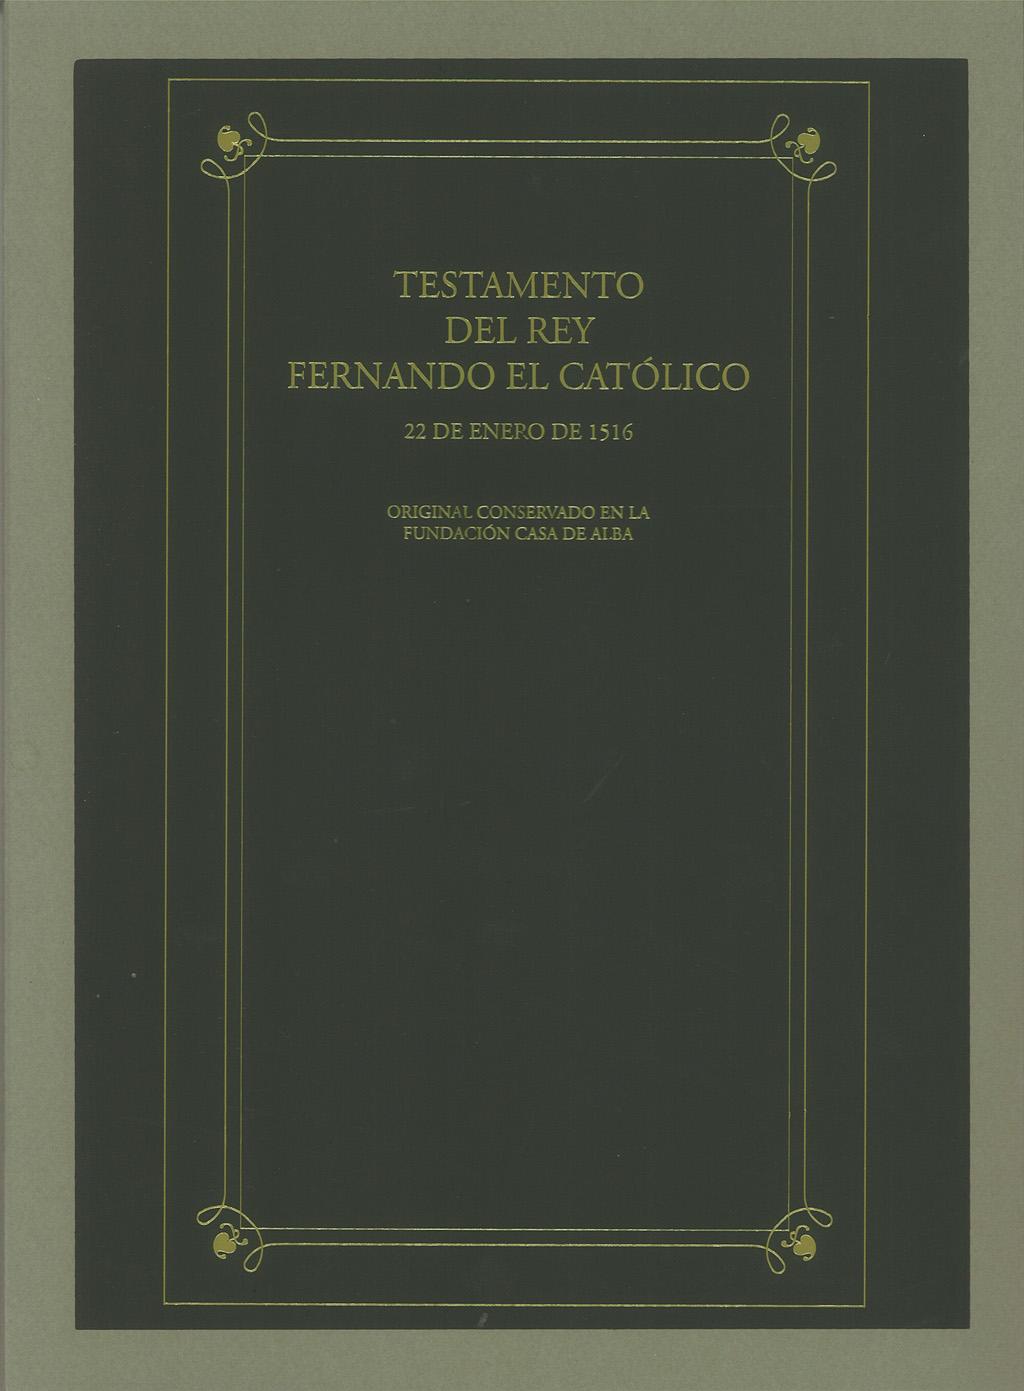 La Fundación Academia Europea de Yuste envía el facsímil del Testamento de Fernando el Católico a las bibliotecas de Extremadura para consulta de los usuarios